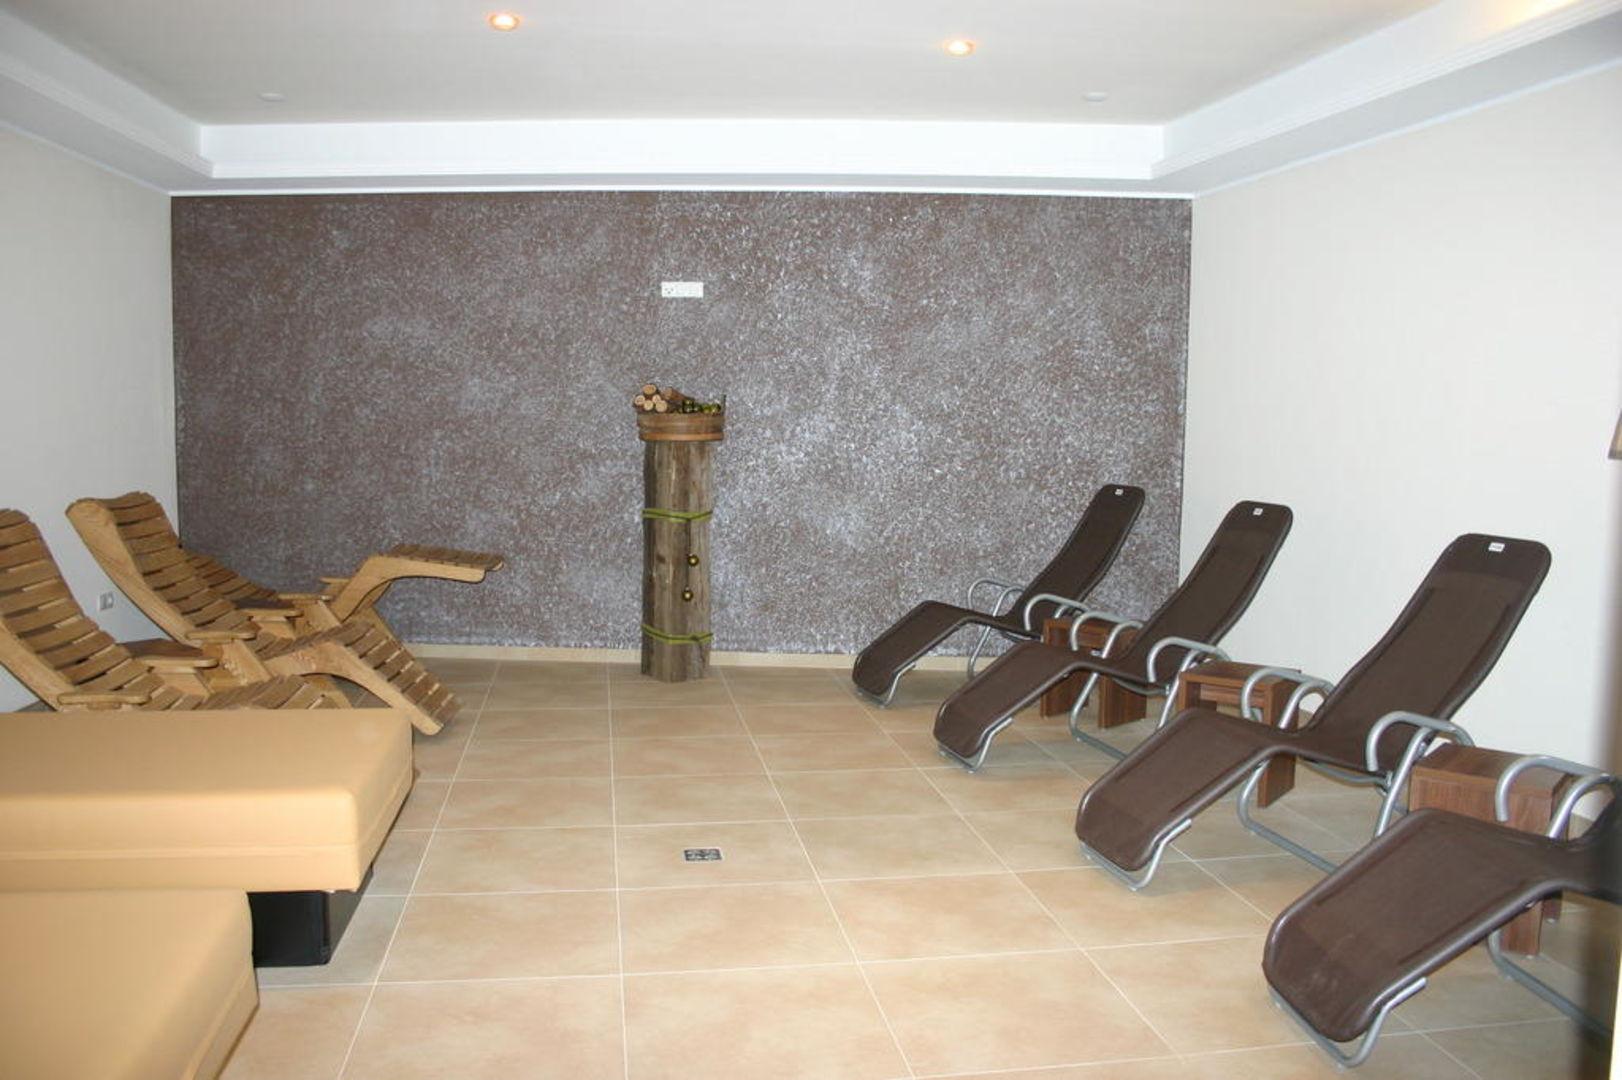 wohnzimmerz: badewanne im schlafzimmer with freistehende badewanne, Schlafzimmer entwurf